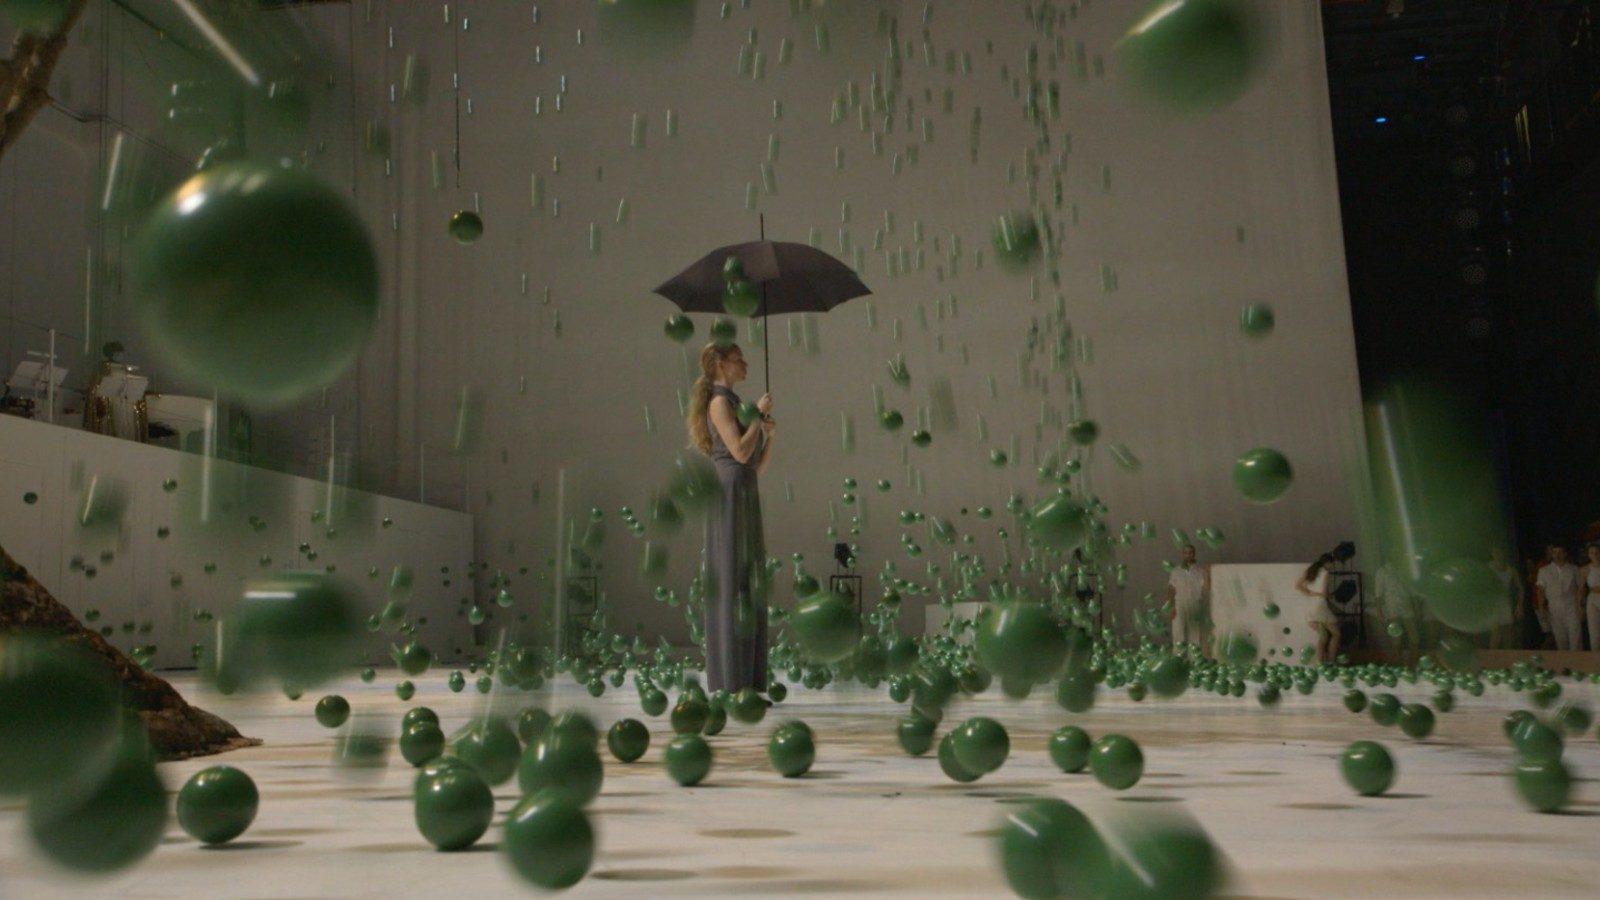 Alexander Ekman: balletto del coreografo svedese, ballerina con ombrello e pioggia di palline verdi